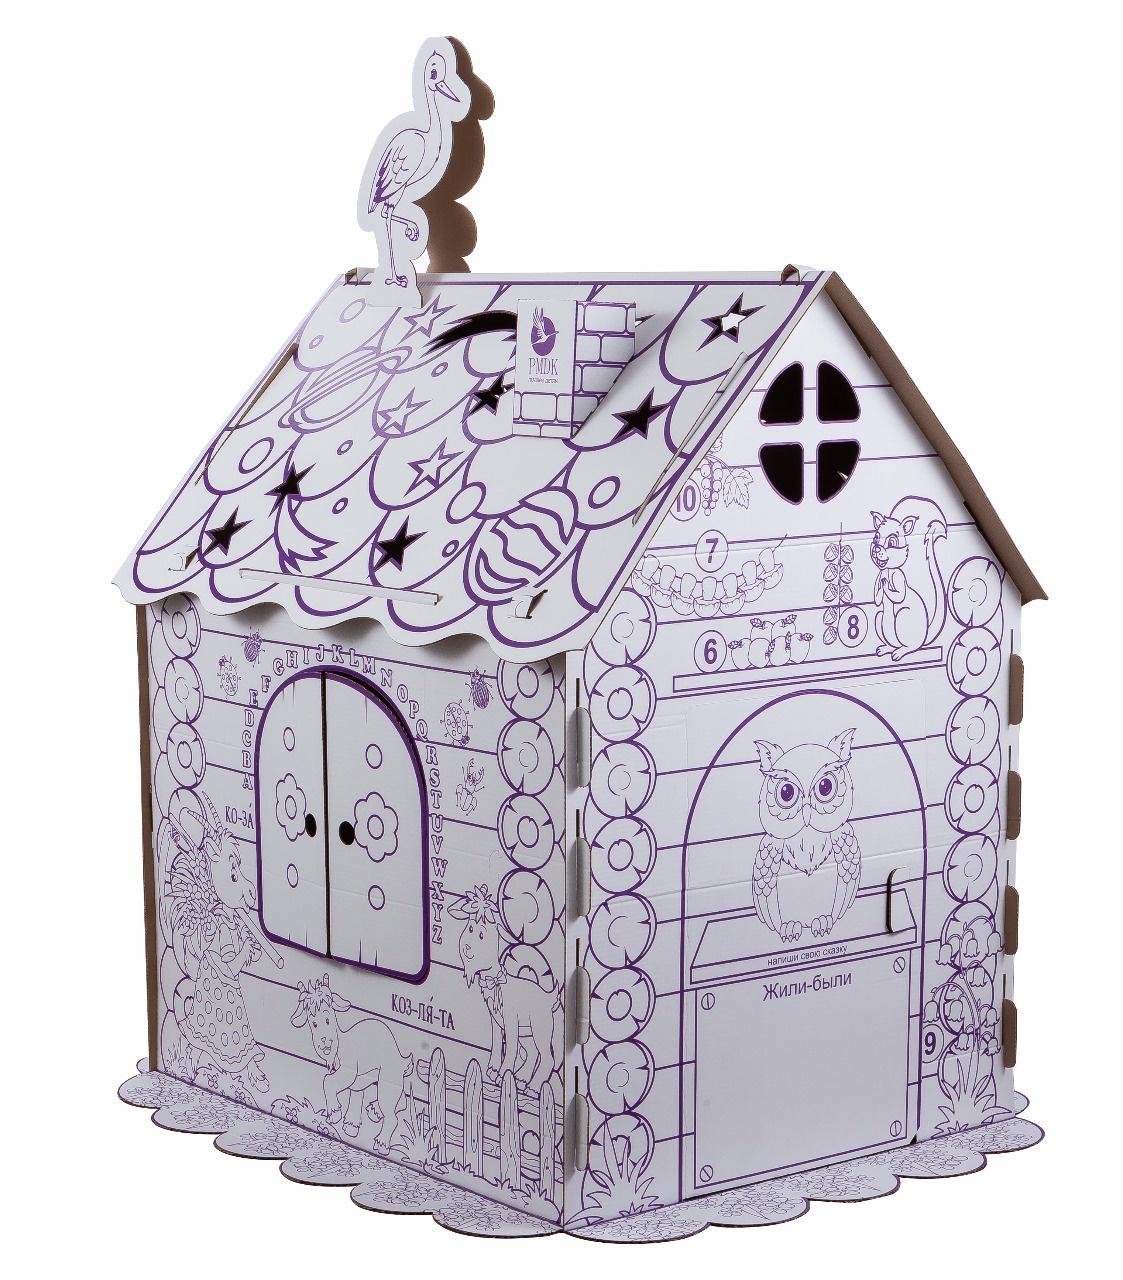 Картонный игровой домик-раскраска ПМДК ВВТ-18 Алфавит и Русские сказки, 110х75х98 см